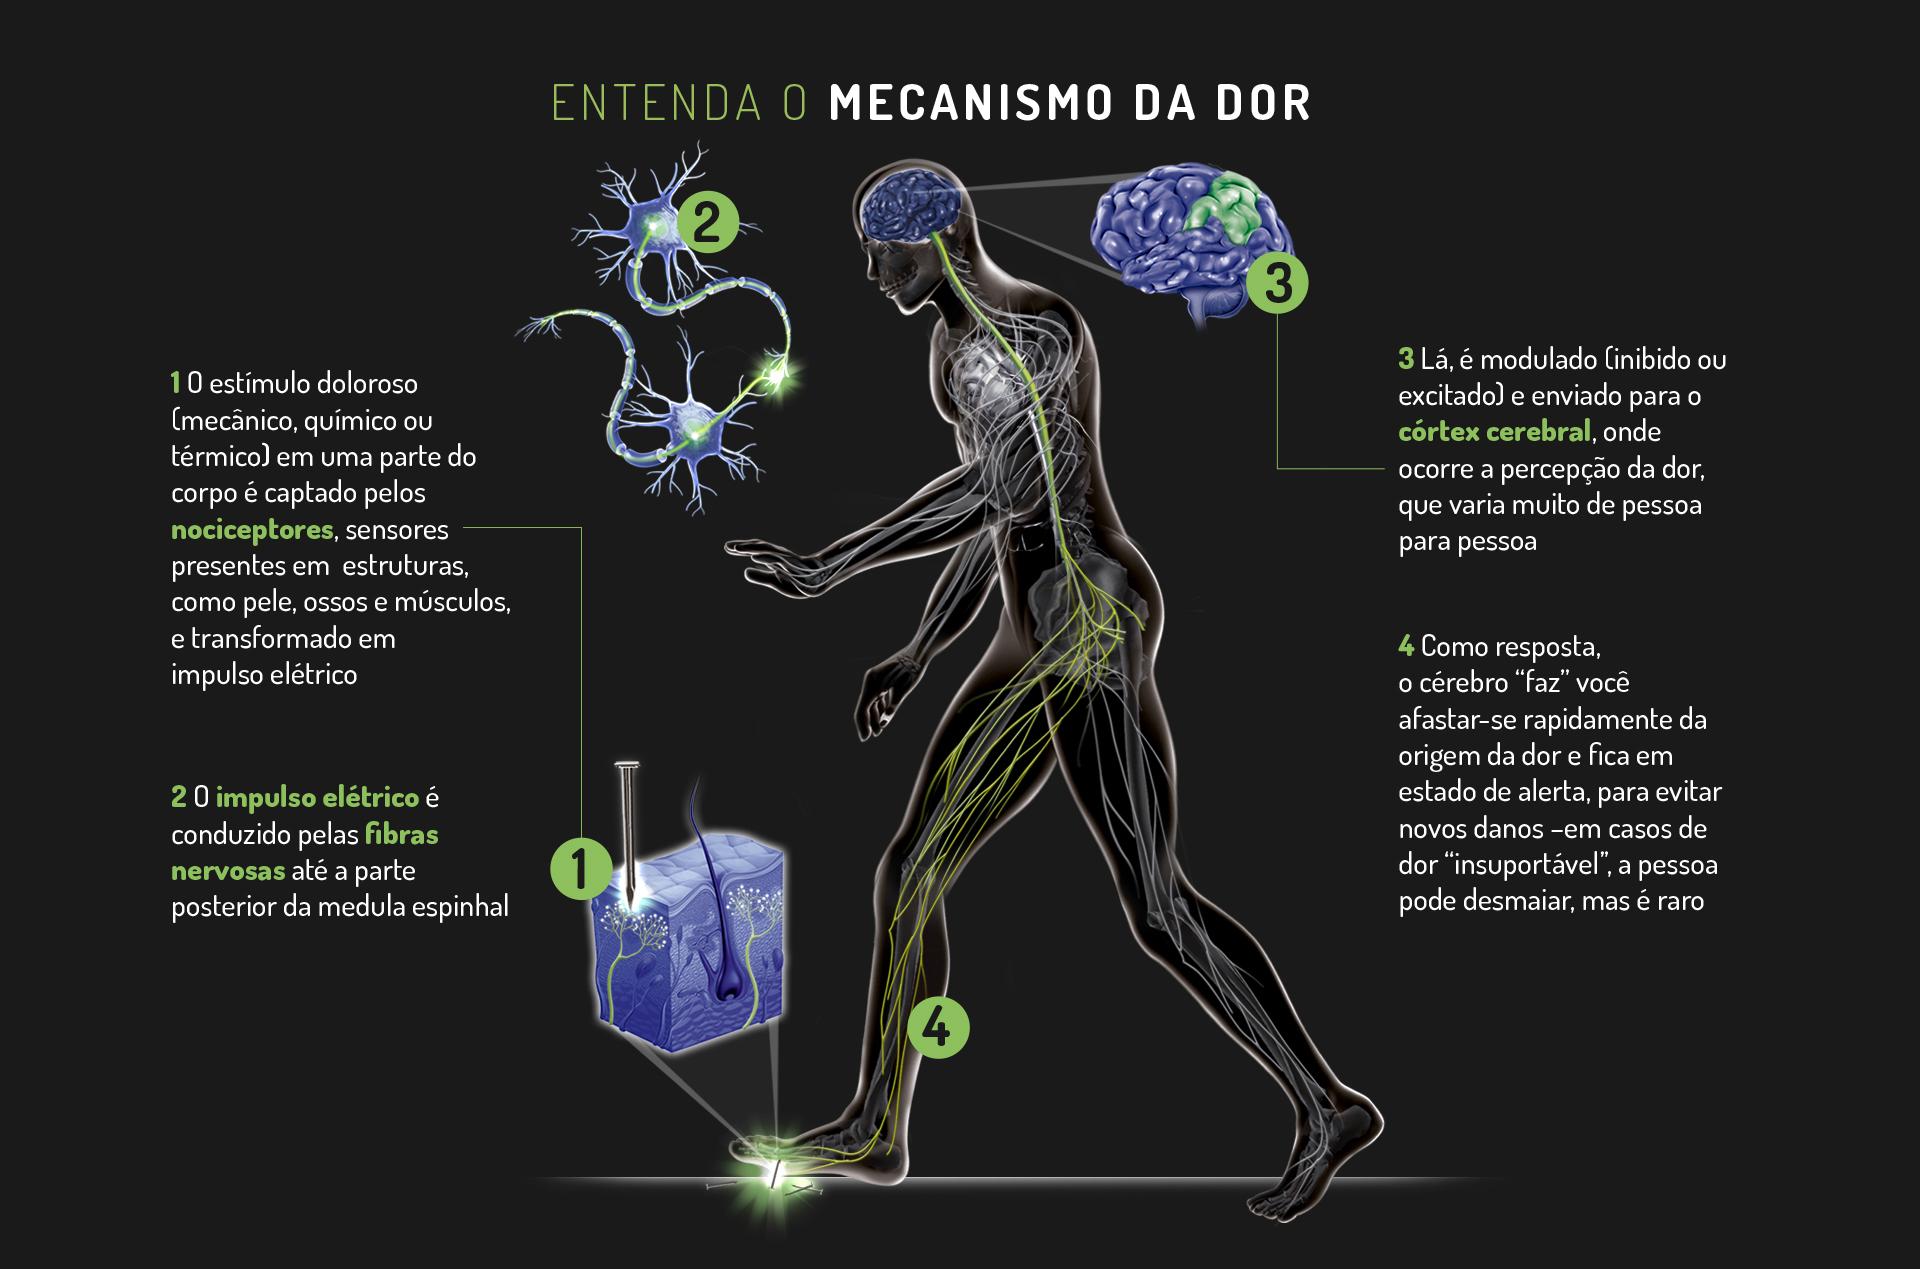 Cerebrais nos curando danos nervos